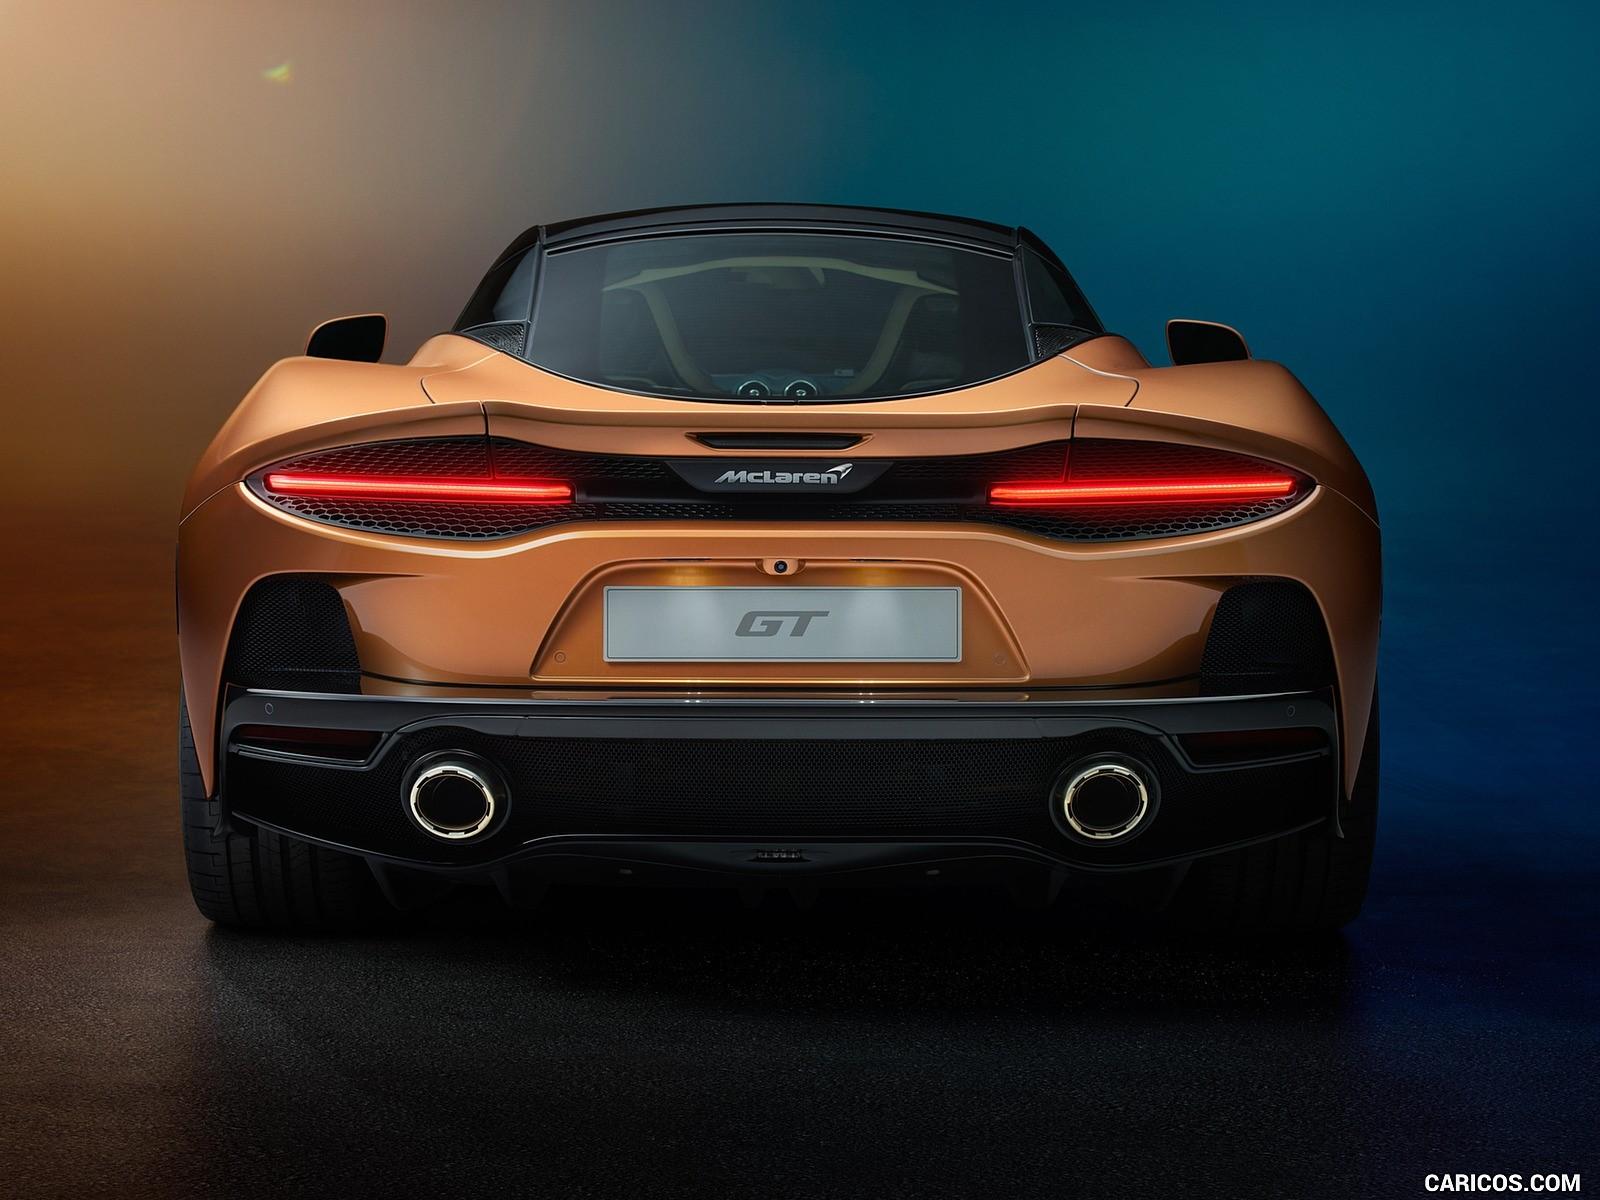 McLaren GT hd duvarkağıdı